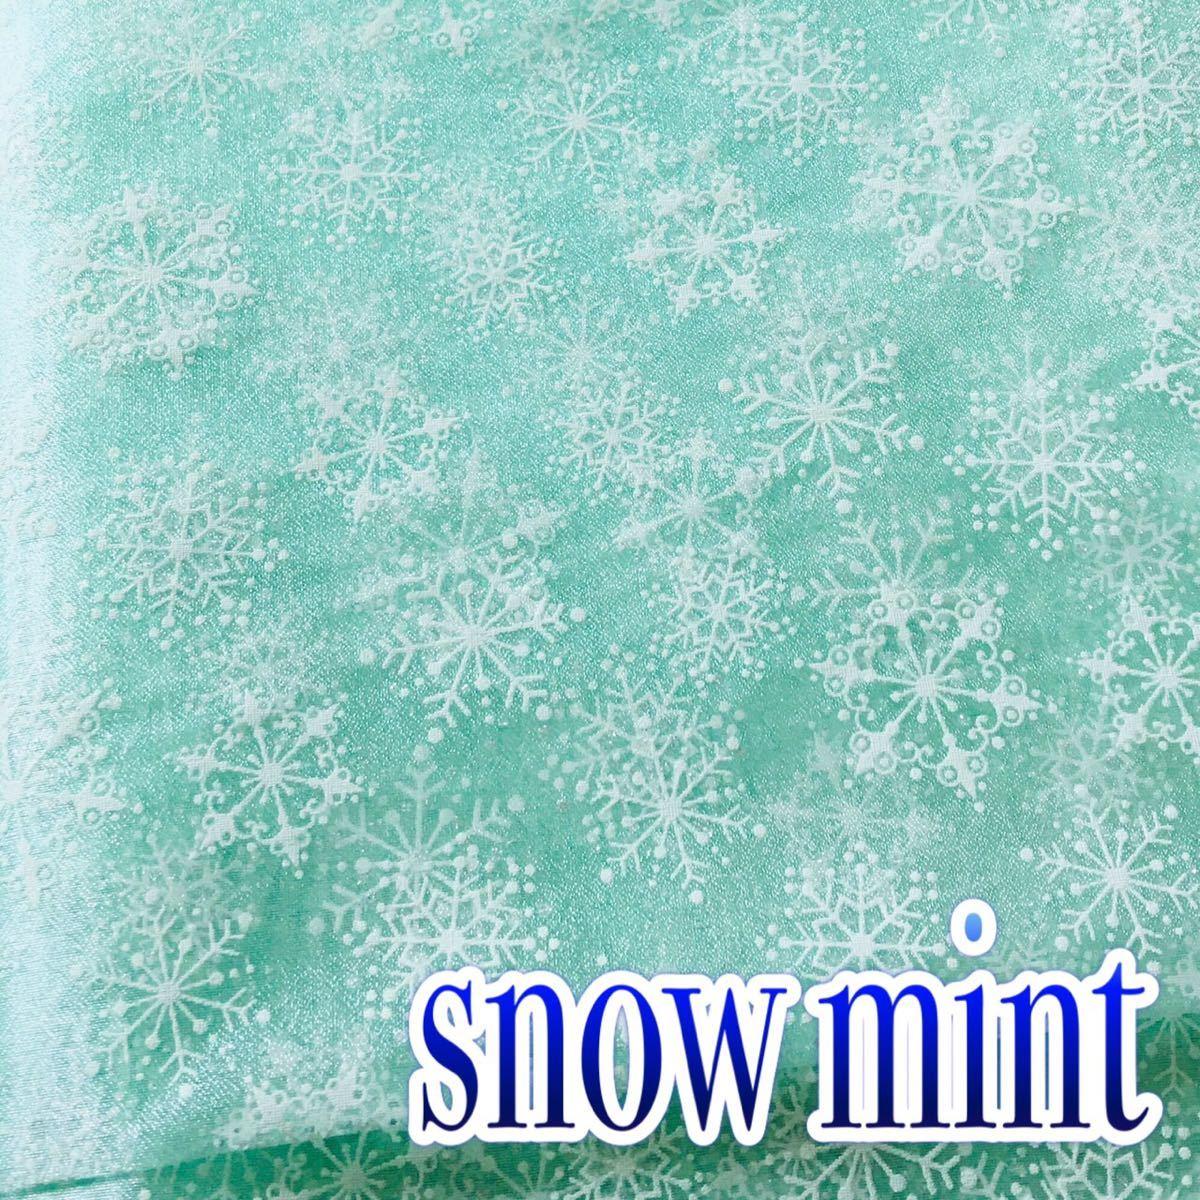 オーガンジー生地 クリスタルスノー 雪の結晶柄生地 クリスマス ハギレ